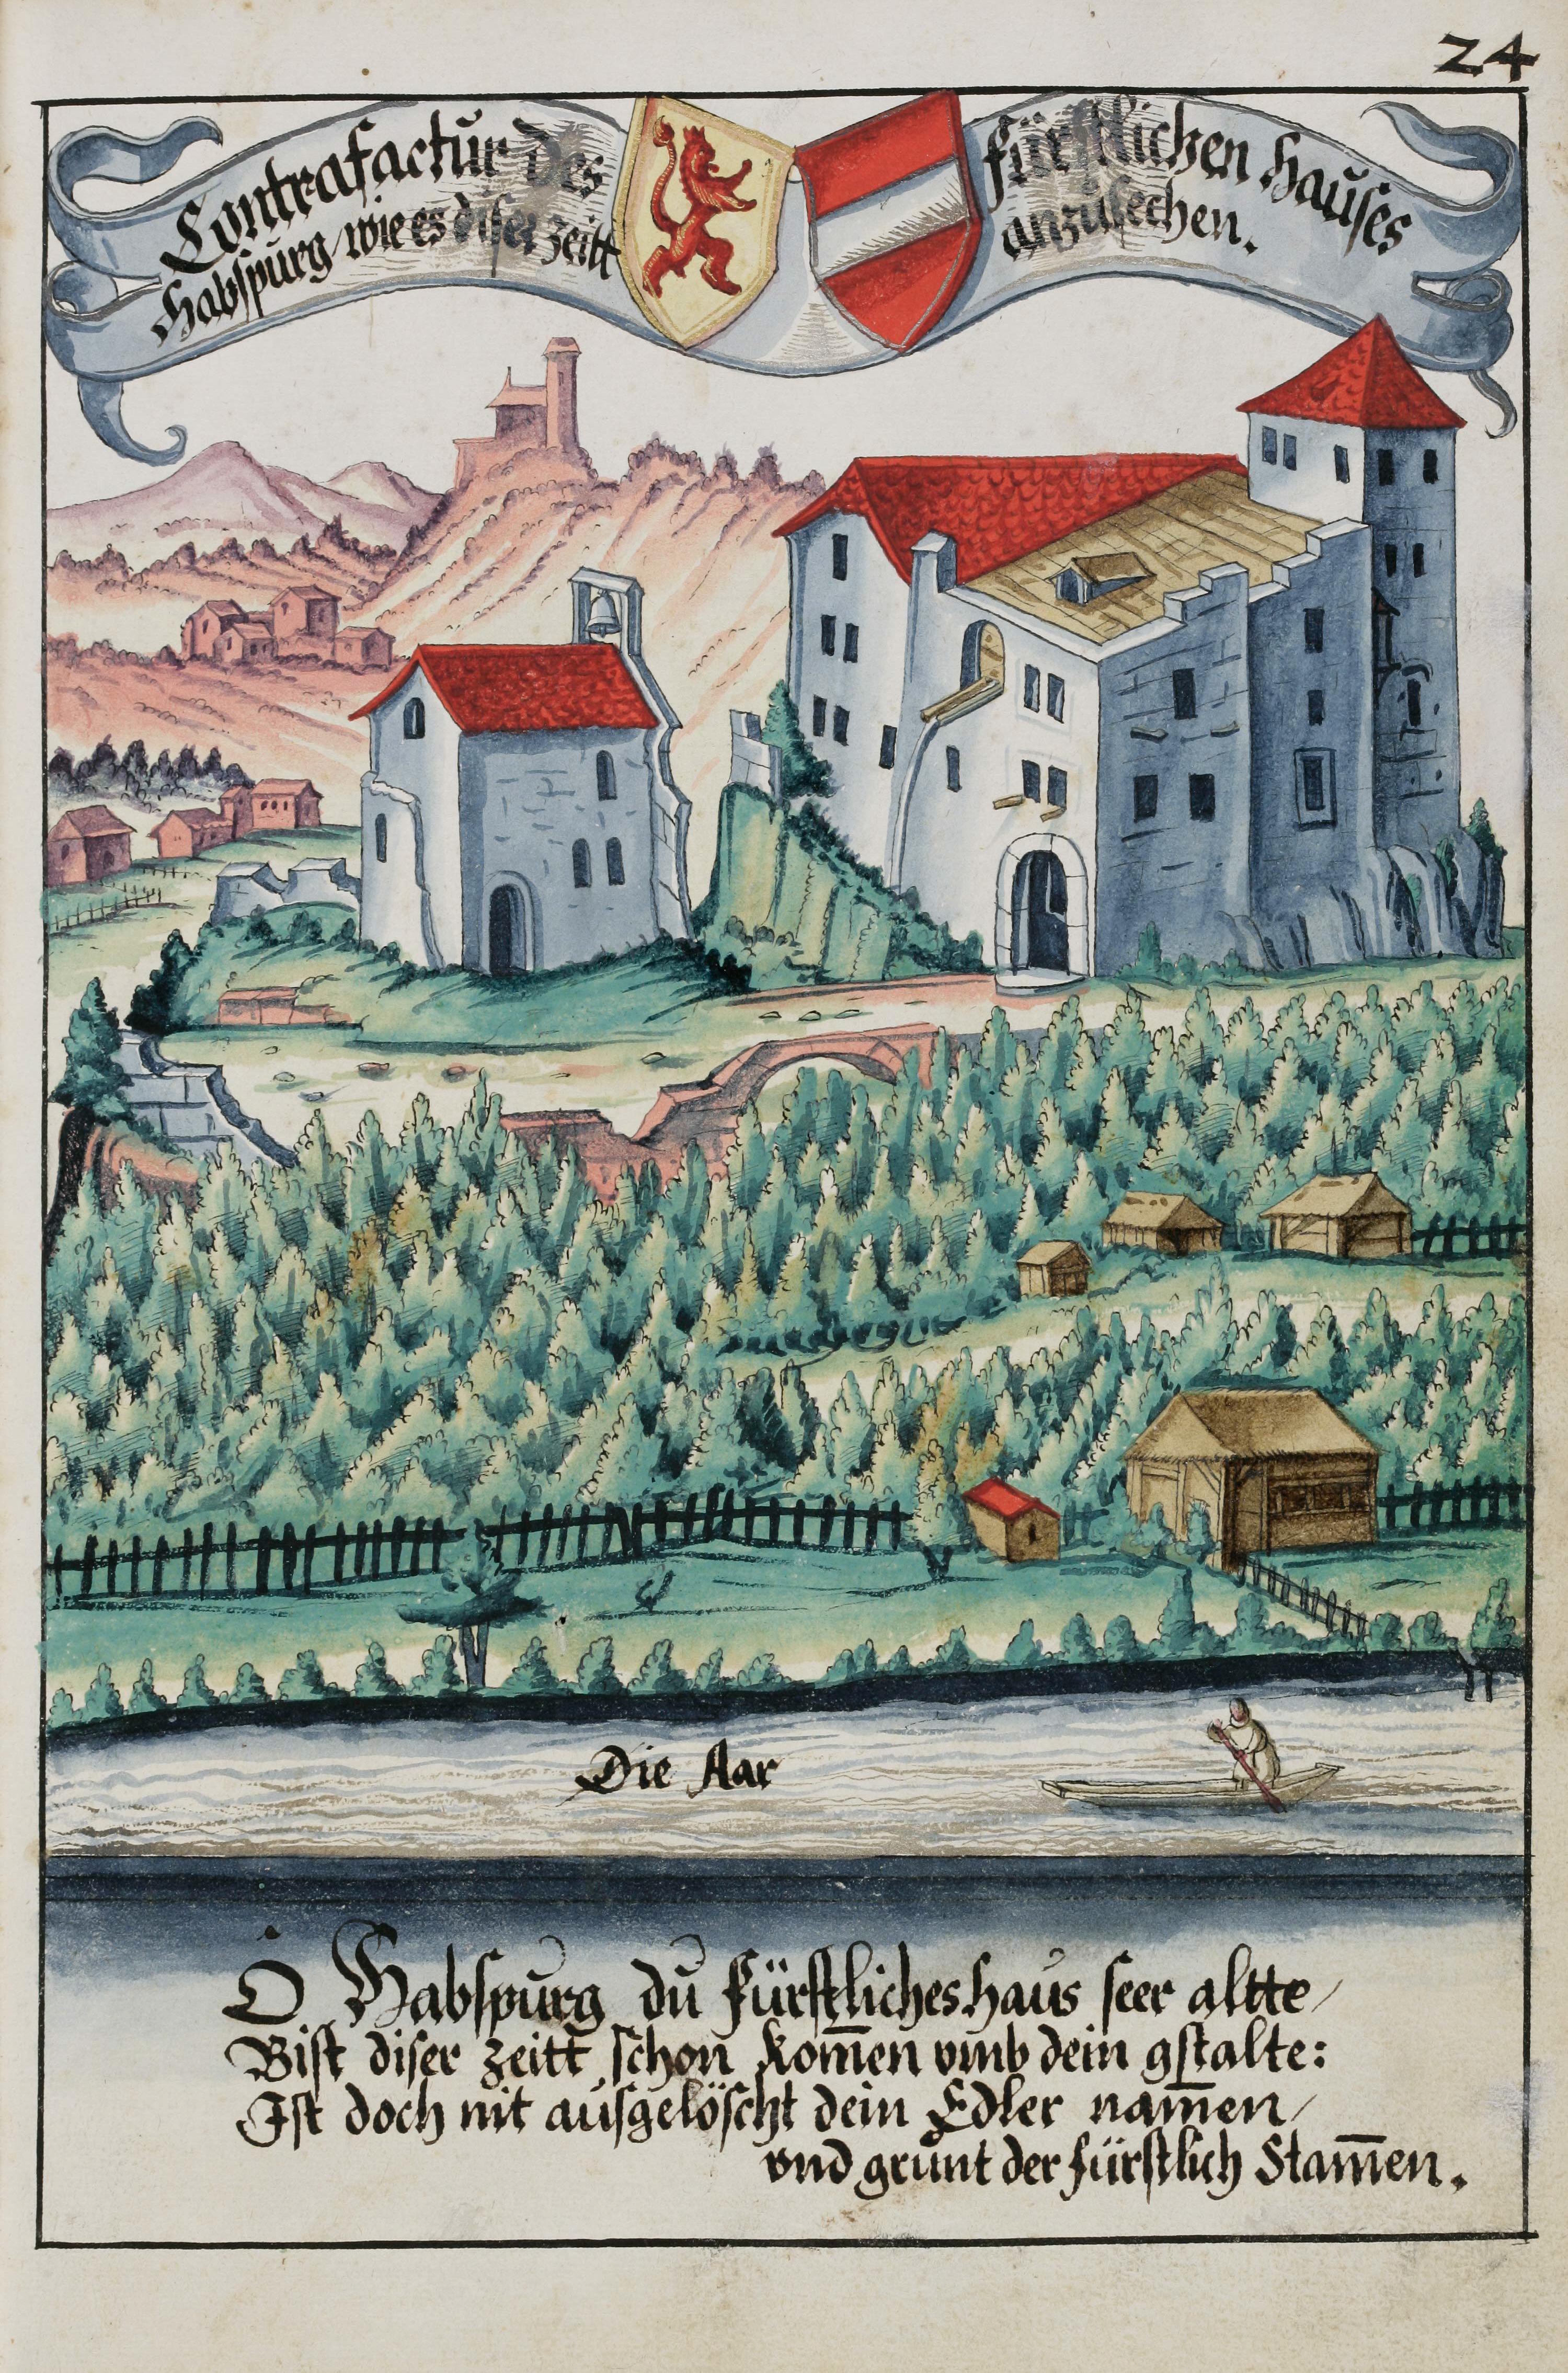 Älteste bekannte realitätsnahe Darstellung der Habsburg (Hintere Burg und Burgkapelle), von Hans Ulrich Fisch 1634.